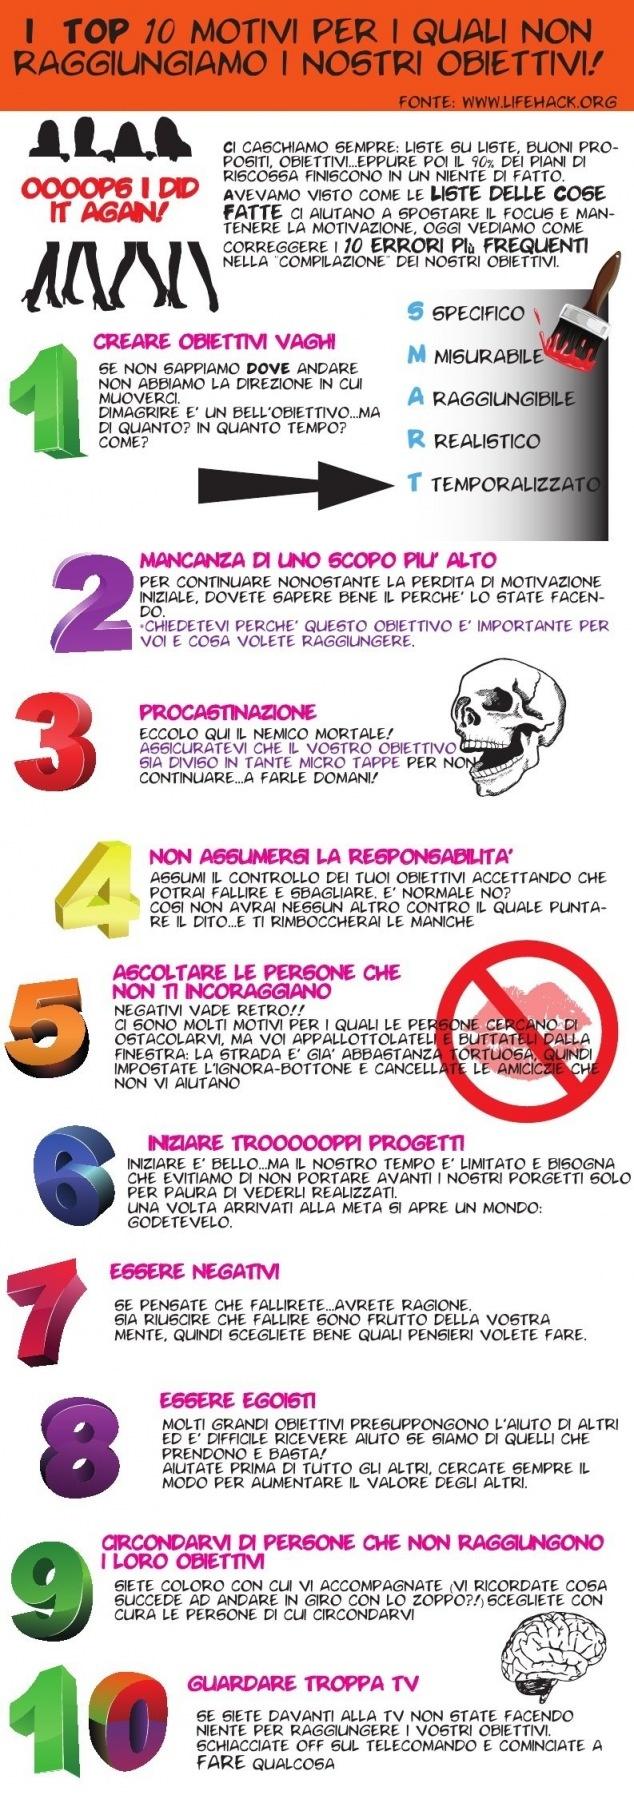 infografica per evitare gli errori più comuni nel settare e perseguire i propri obiettivi.